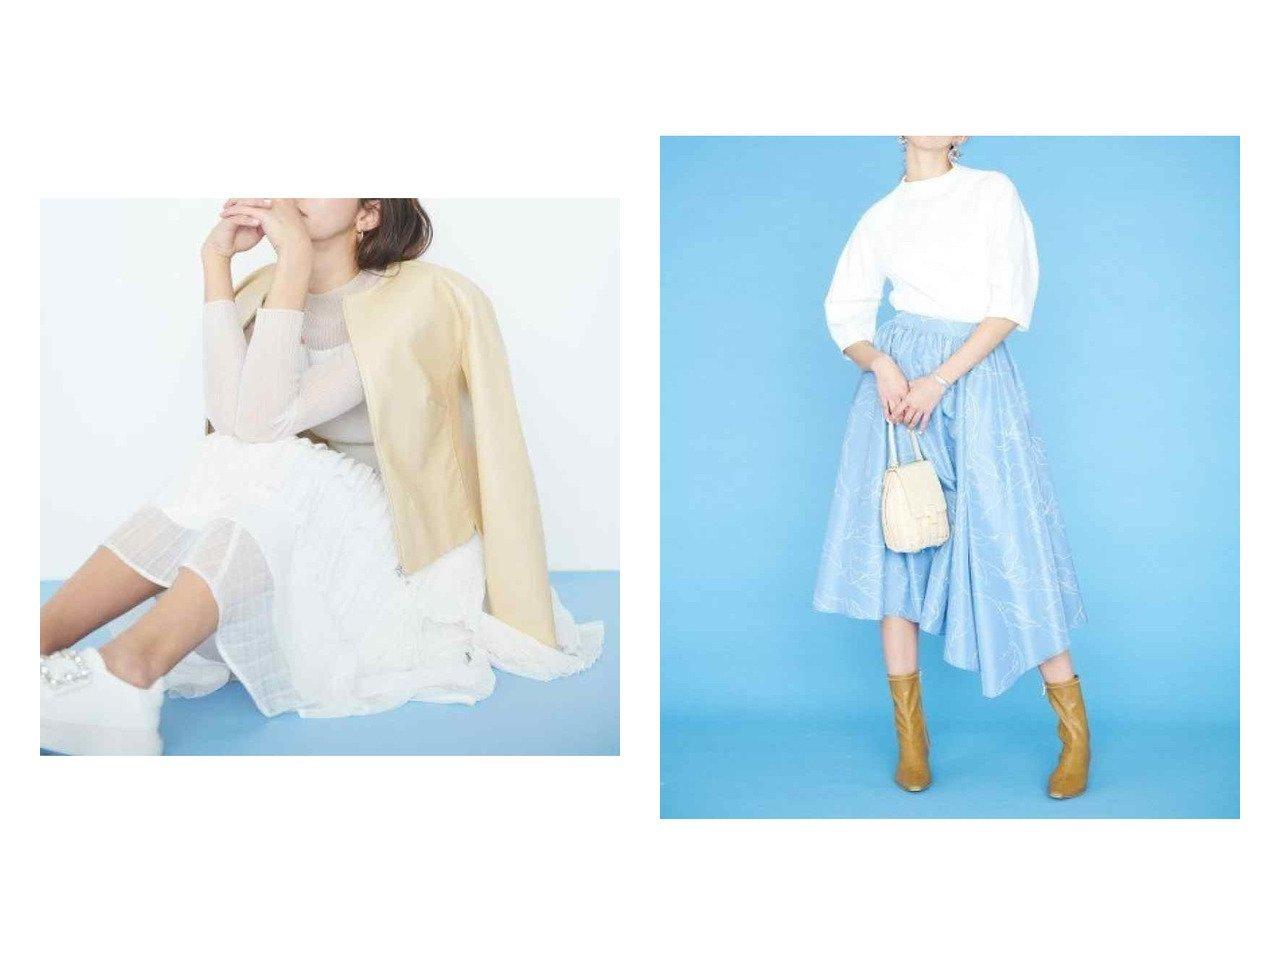 【CELFORD/セルフォード】のラッフルシアーチェックスカート&ラインフラワ-プリントスカート スカートのおすすめ!人気、トレンド・レディースファッションの通販 おすすめで人気の流行・トレンド、ファッションの通販商品 メンズファッション・キッズファッション・インテリア・家具・レディースファッション・服の通販 founy(ファニー) https://founy.com/ ファッション Fashion レディースファッション WOMEN スカート Skirt ミニスカート Mini Skirts NEW・新作・新着・新入荷 New Arrivals アシンメトリー コンパクト シアー シャドー ショート チェック フィット プリーツ ラッフル 再入荷 Restock/Back in Stock/Re Arrival |ID:crp329100000011754